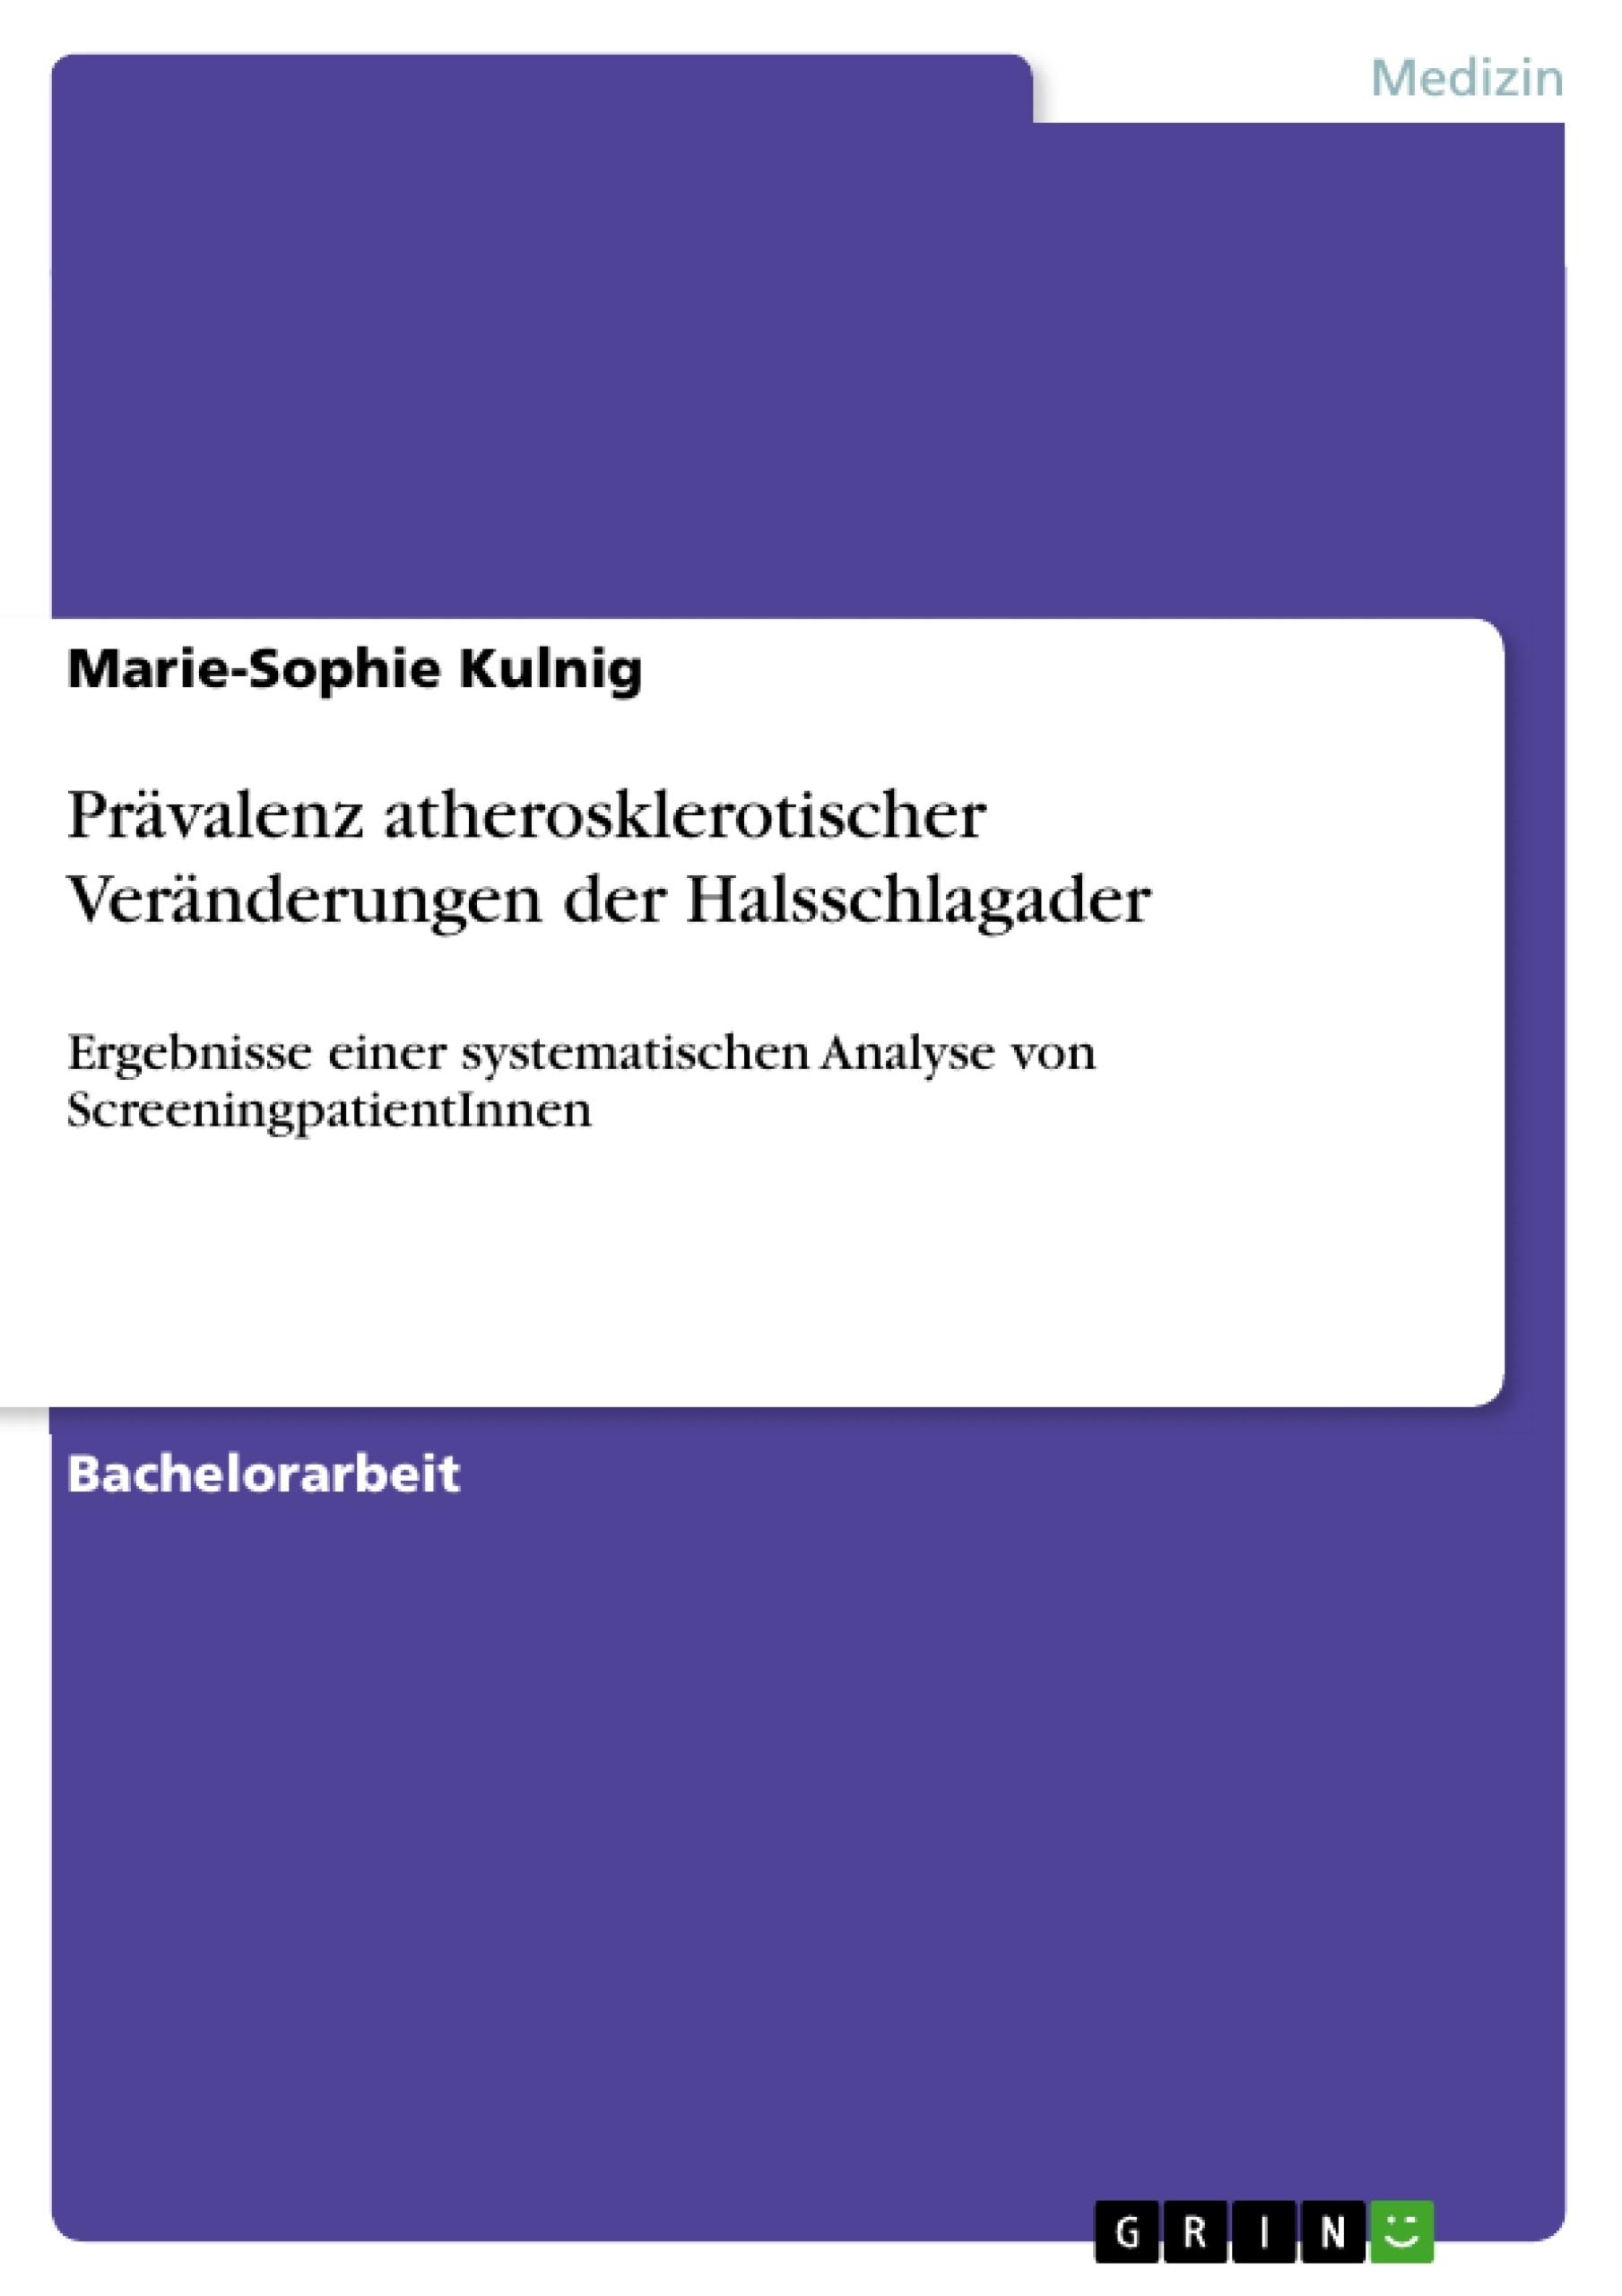 Titel: Prävalenz atherosklerotischer Veränderungen der Halsschlagader